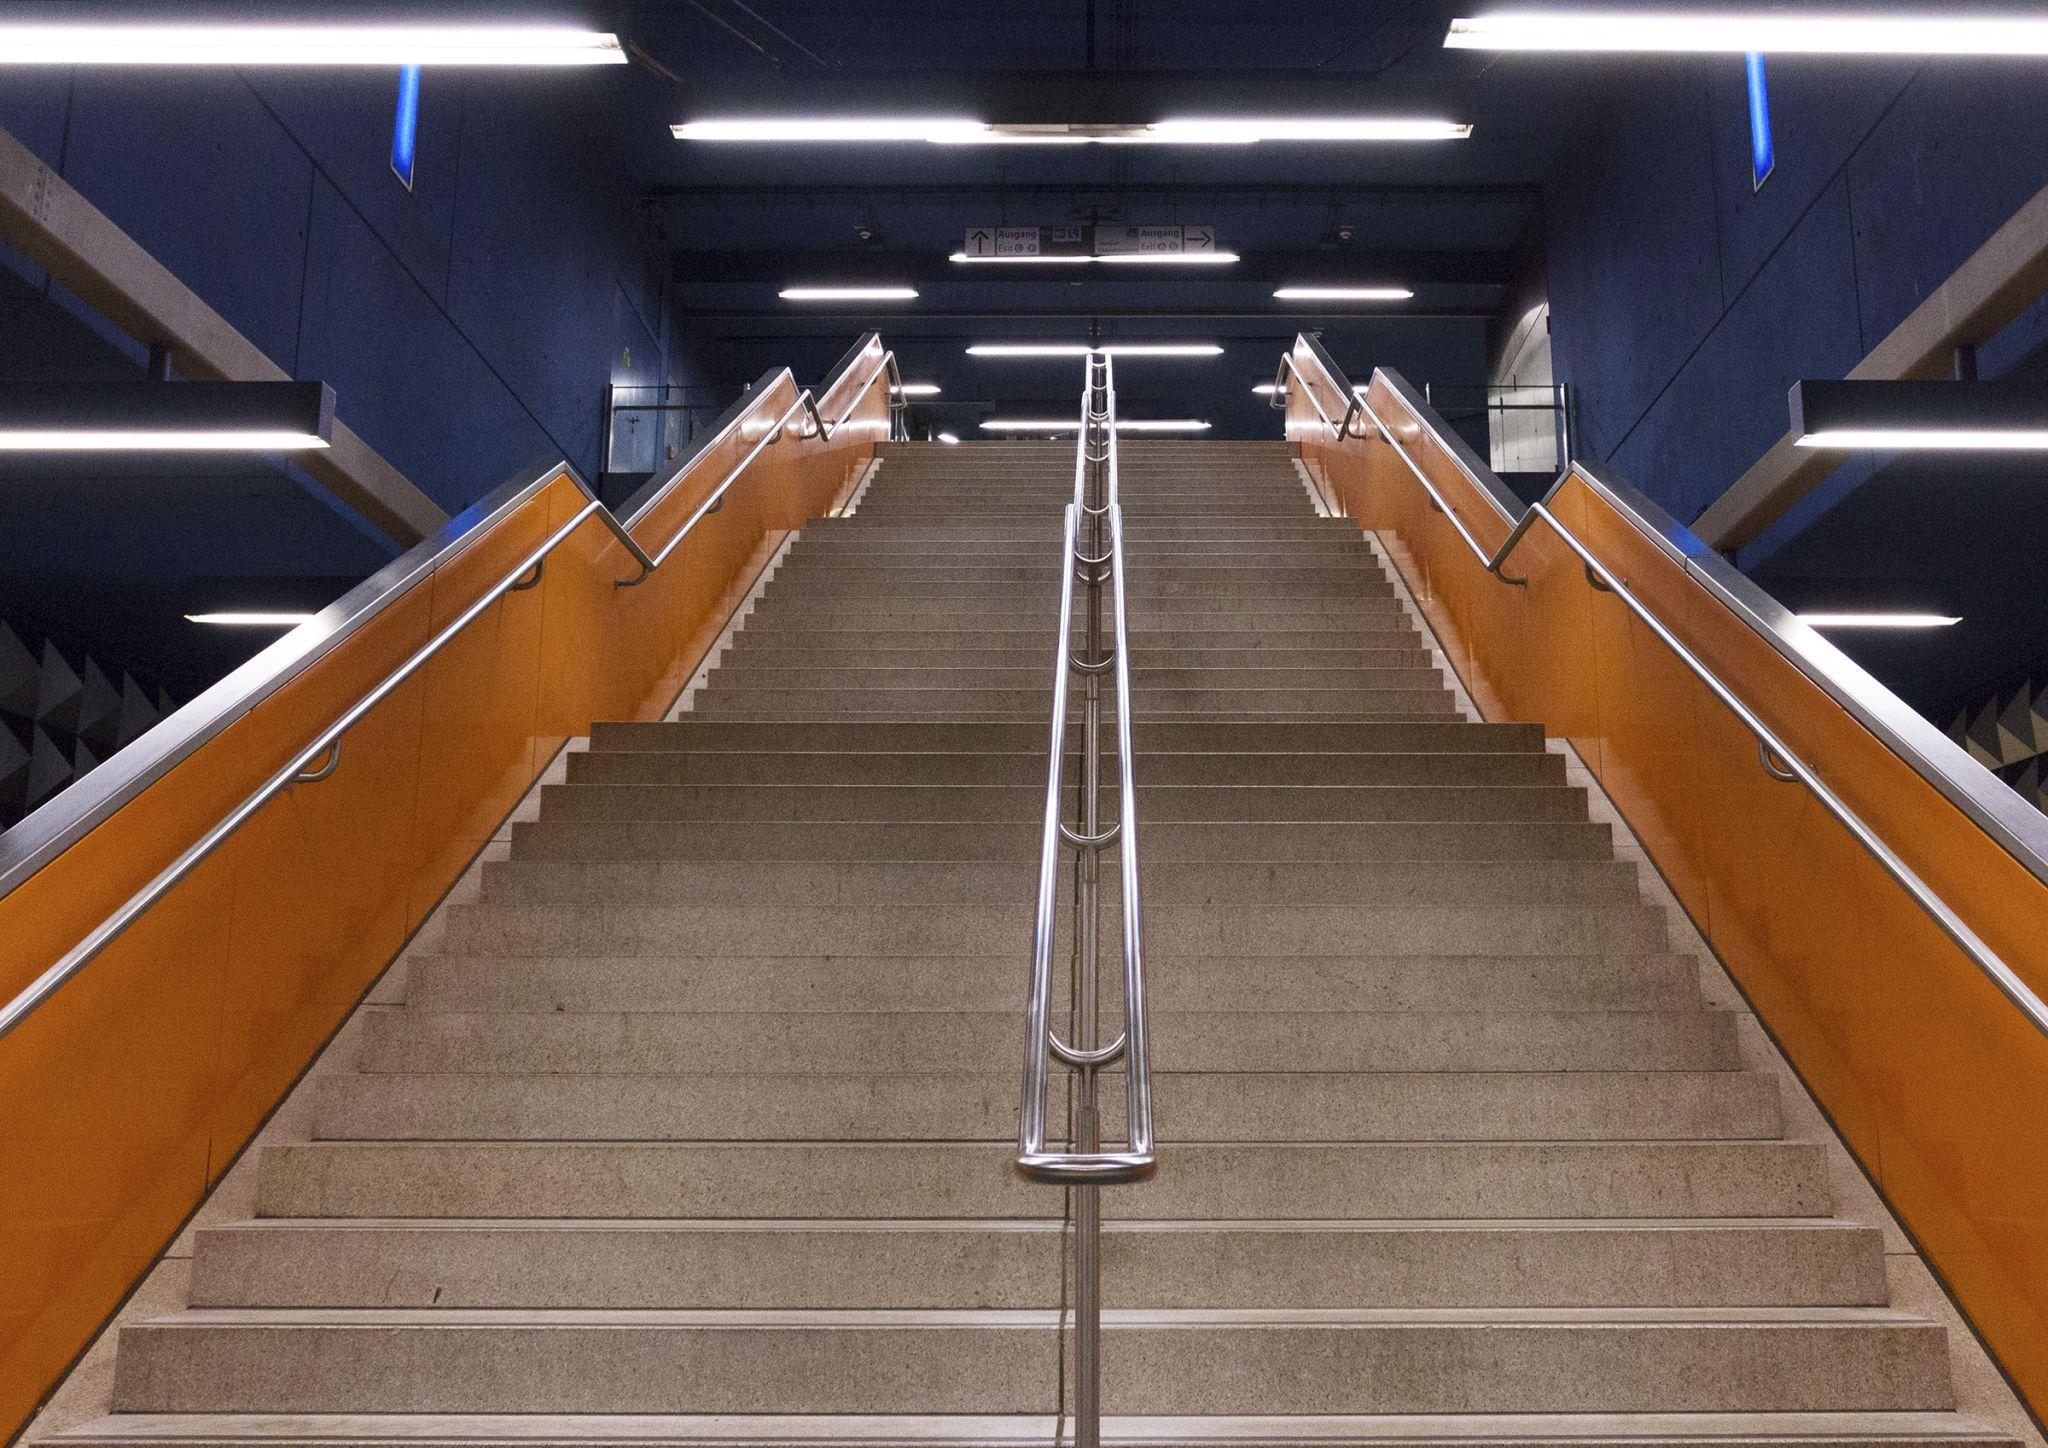 Olympia Einkaufszentrum - Subway Station, Germany